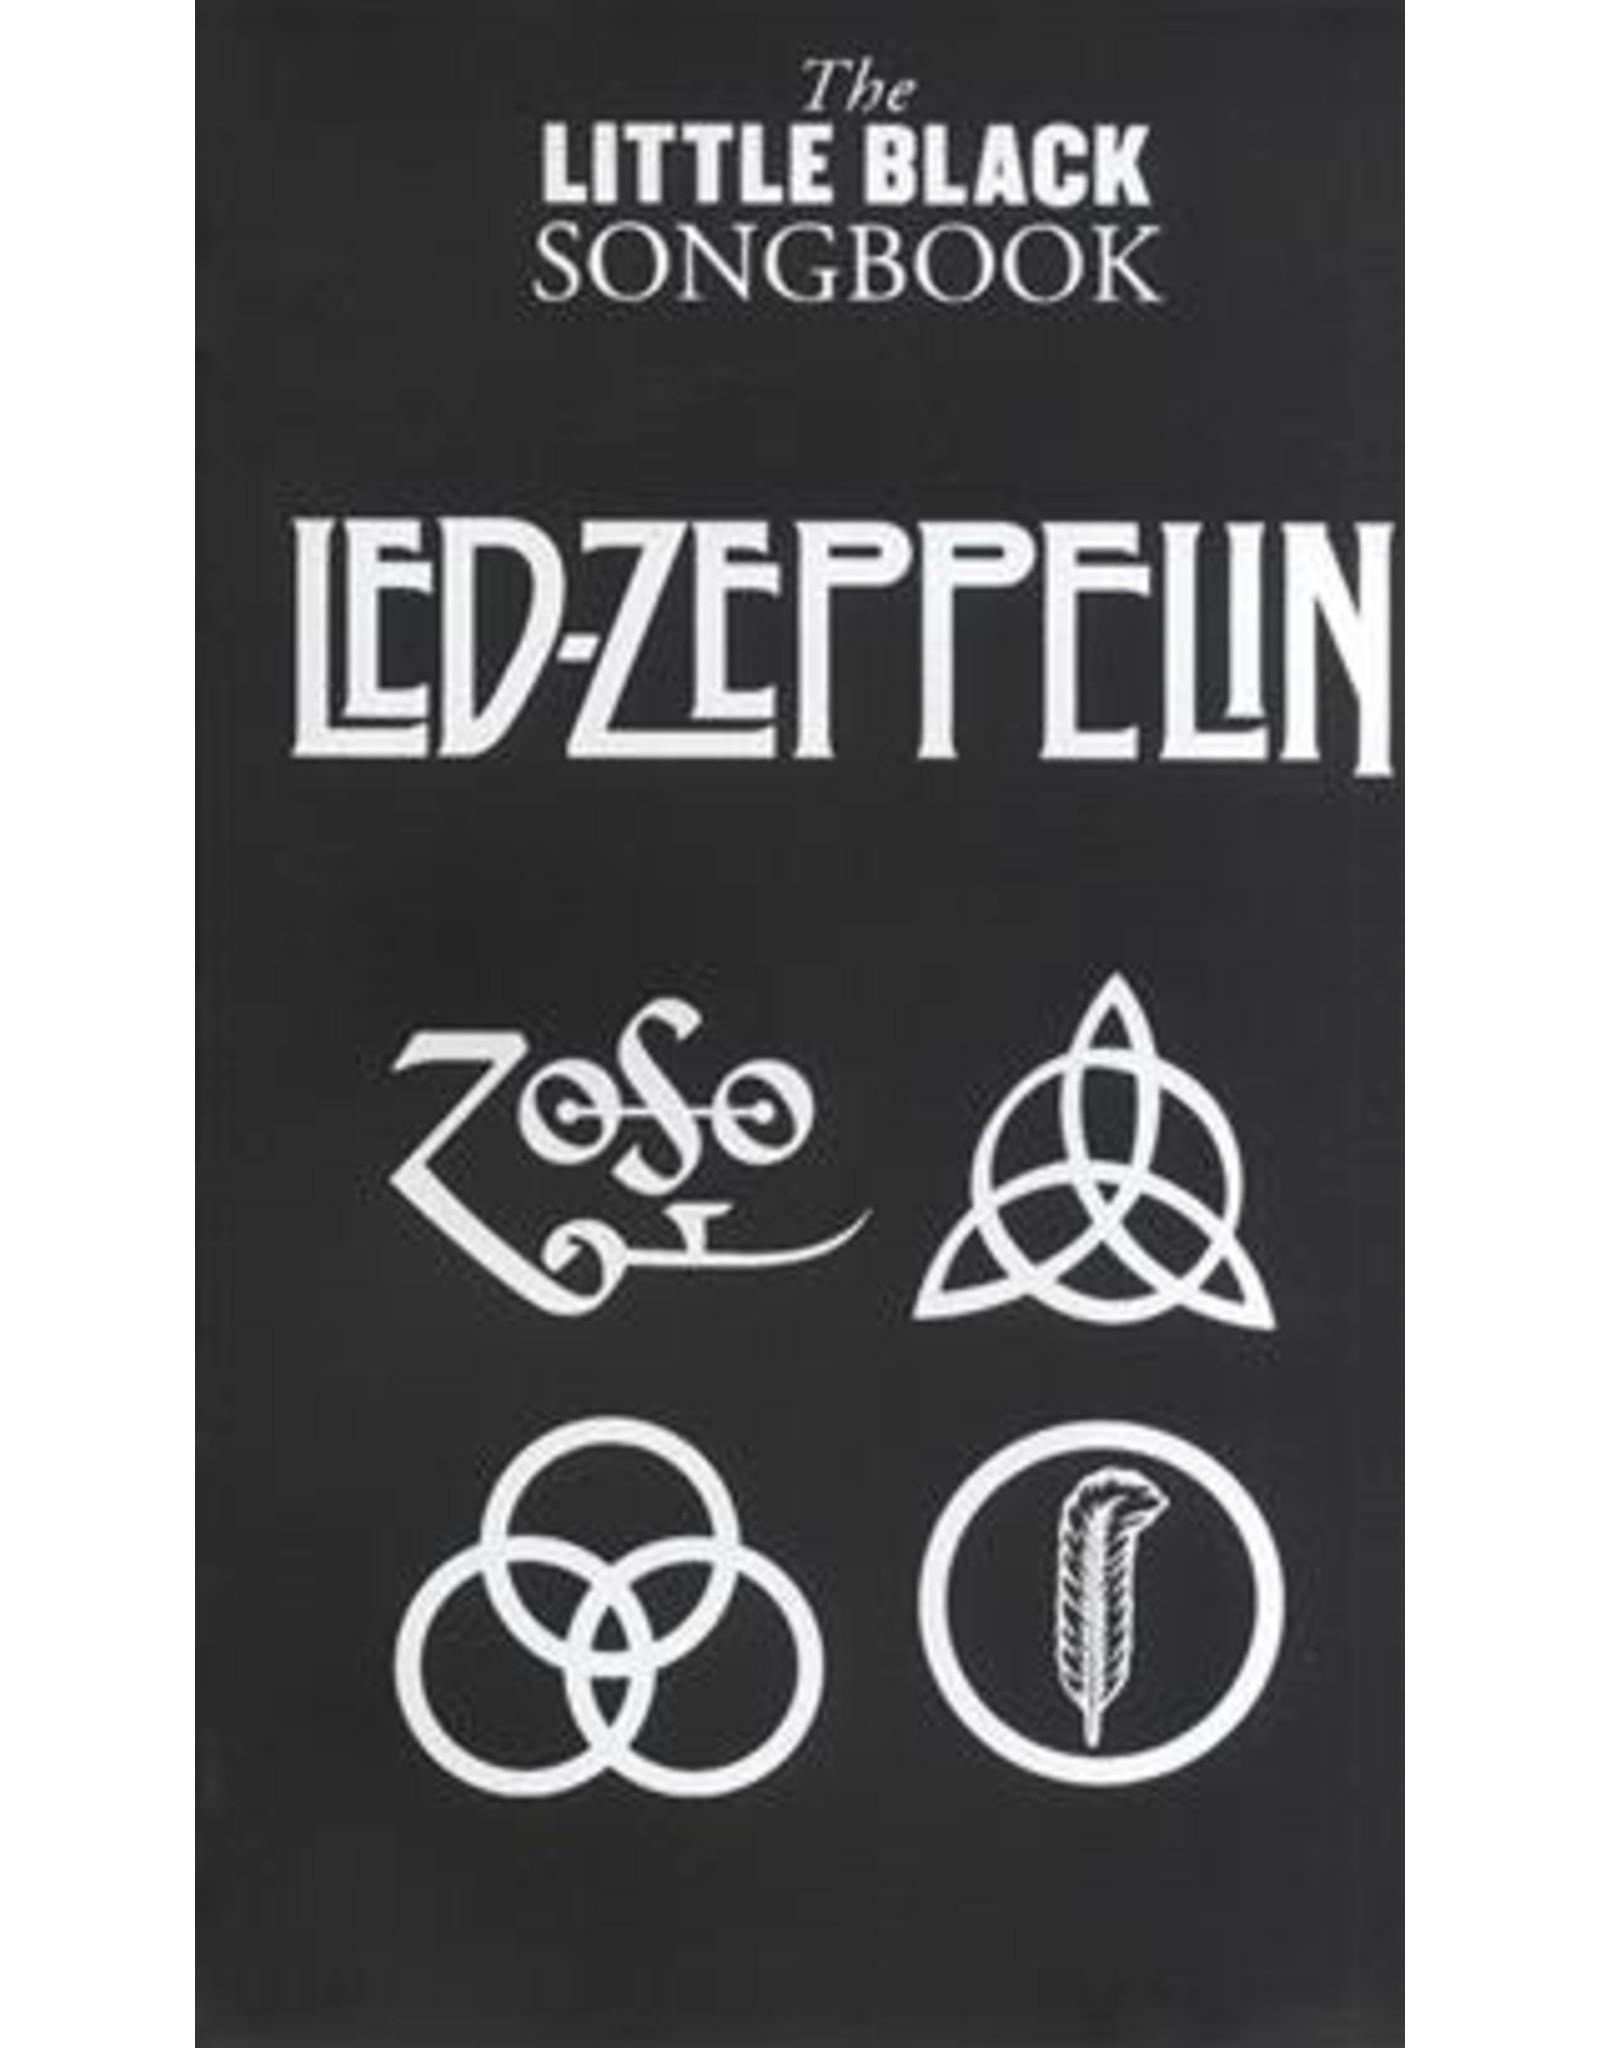 The Little Black Songbook: Led Zeppelin